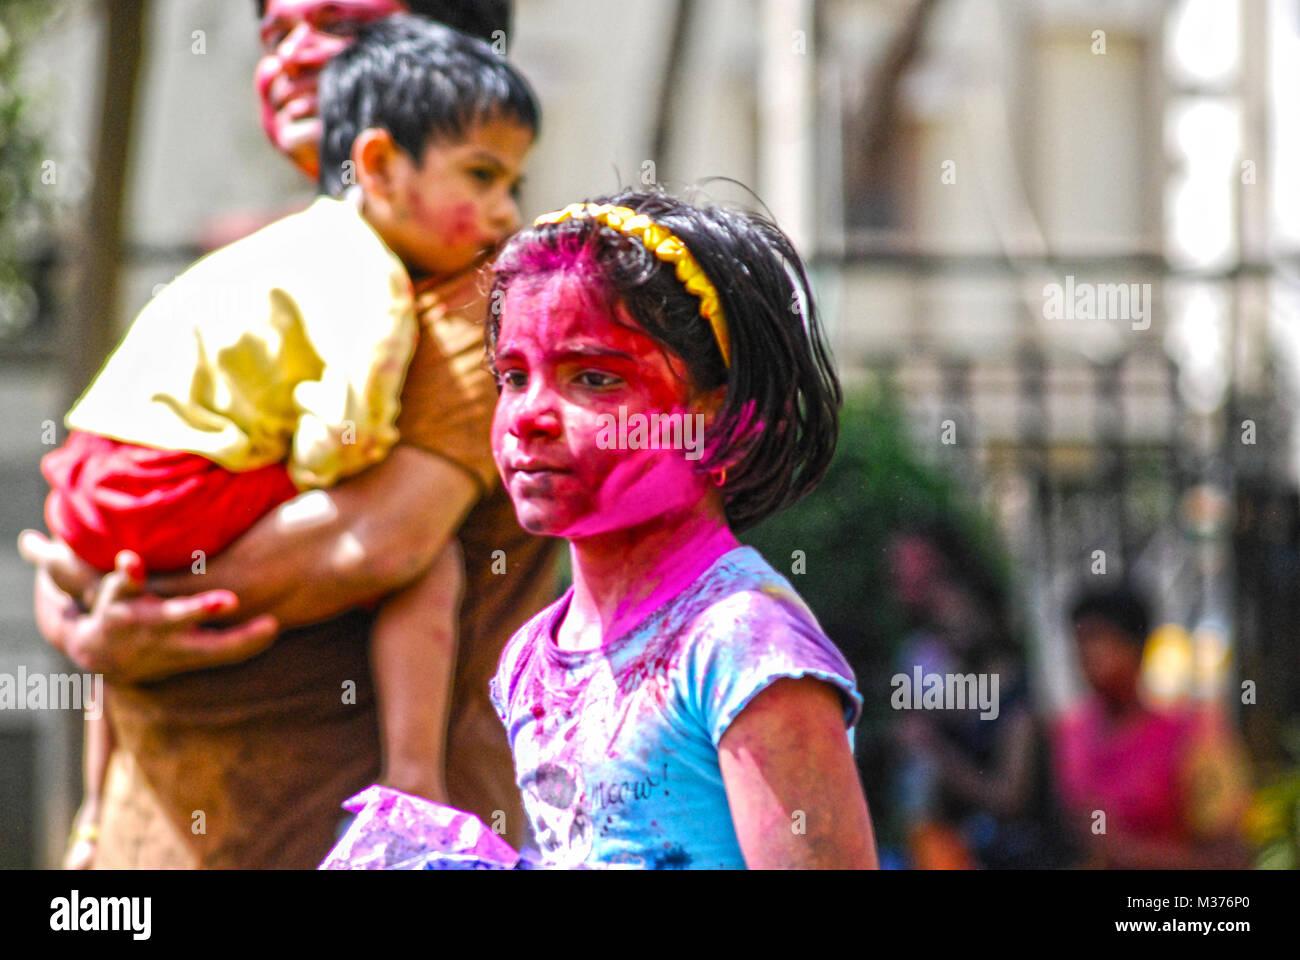 Una giovane ragazza è coperto di vernice in polvere durante la celebrazione di Holi in Hyderabad, India. Immagini Stock